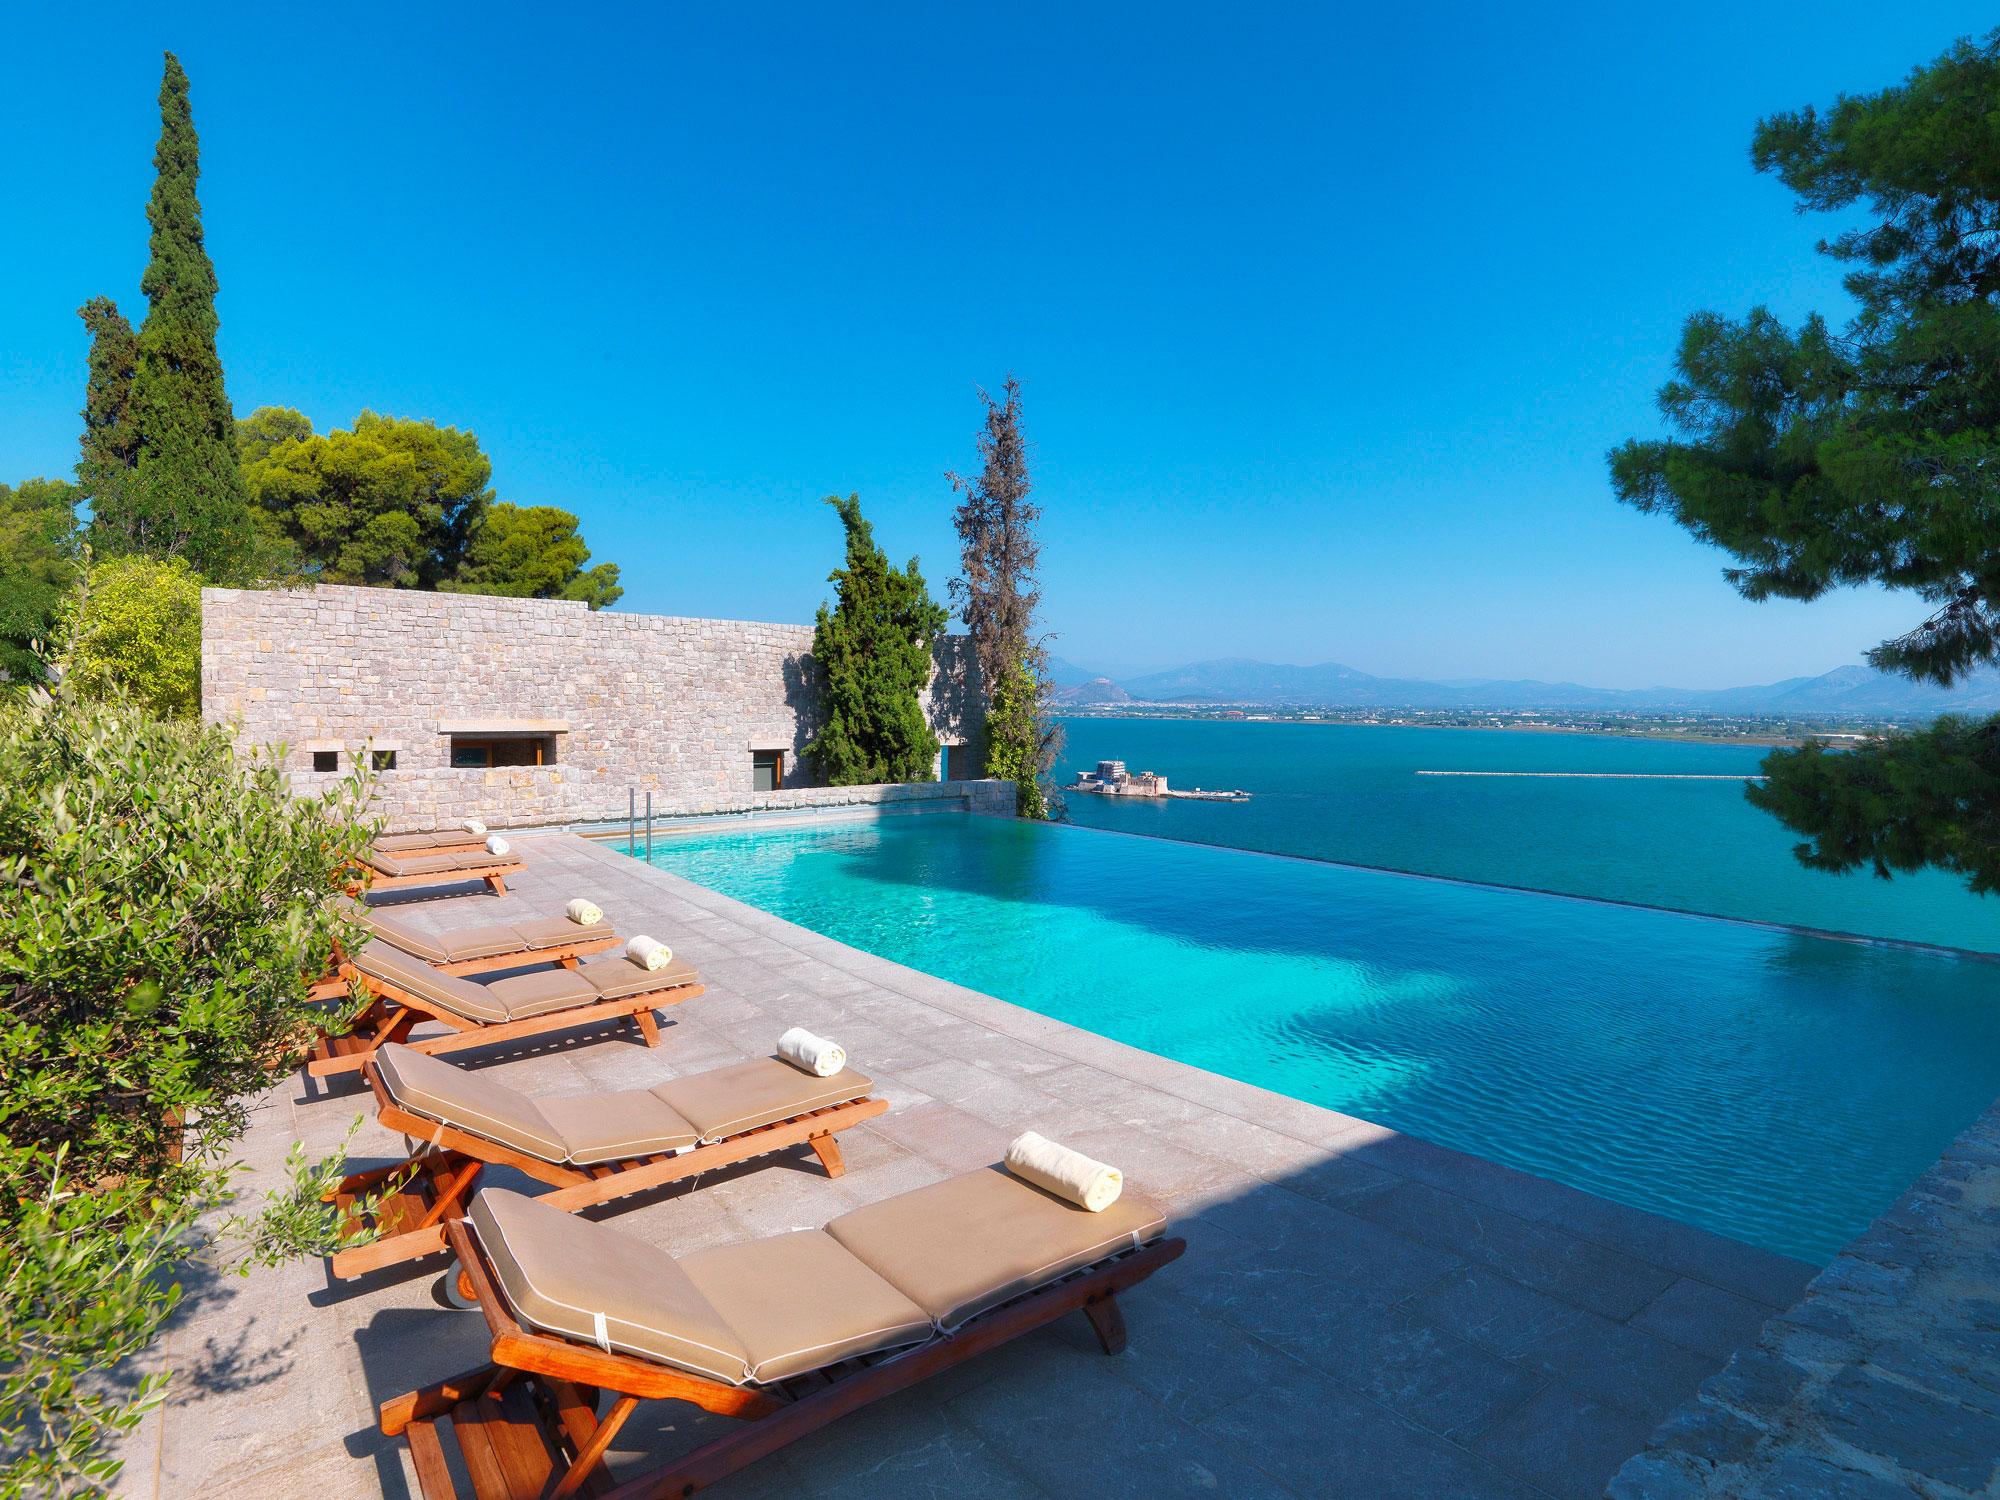 Las 10 mejores piscinas del mundo el blog de lester for Mejores piscinas